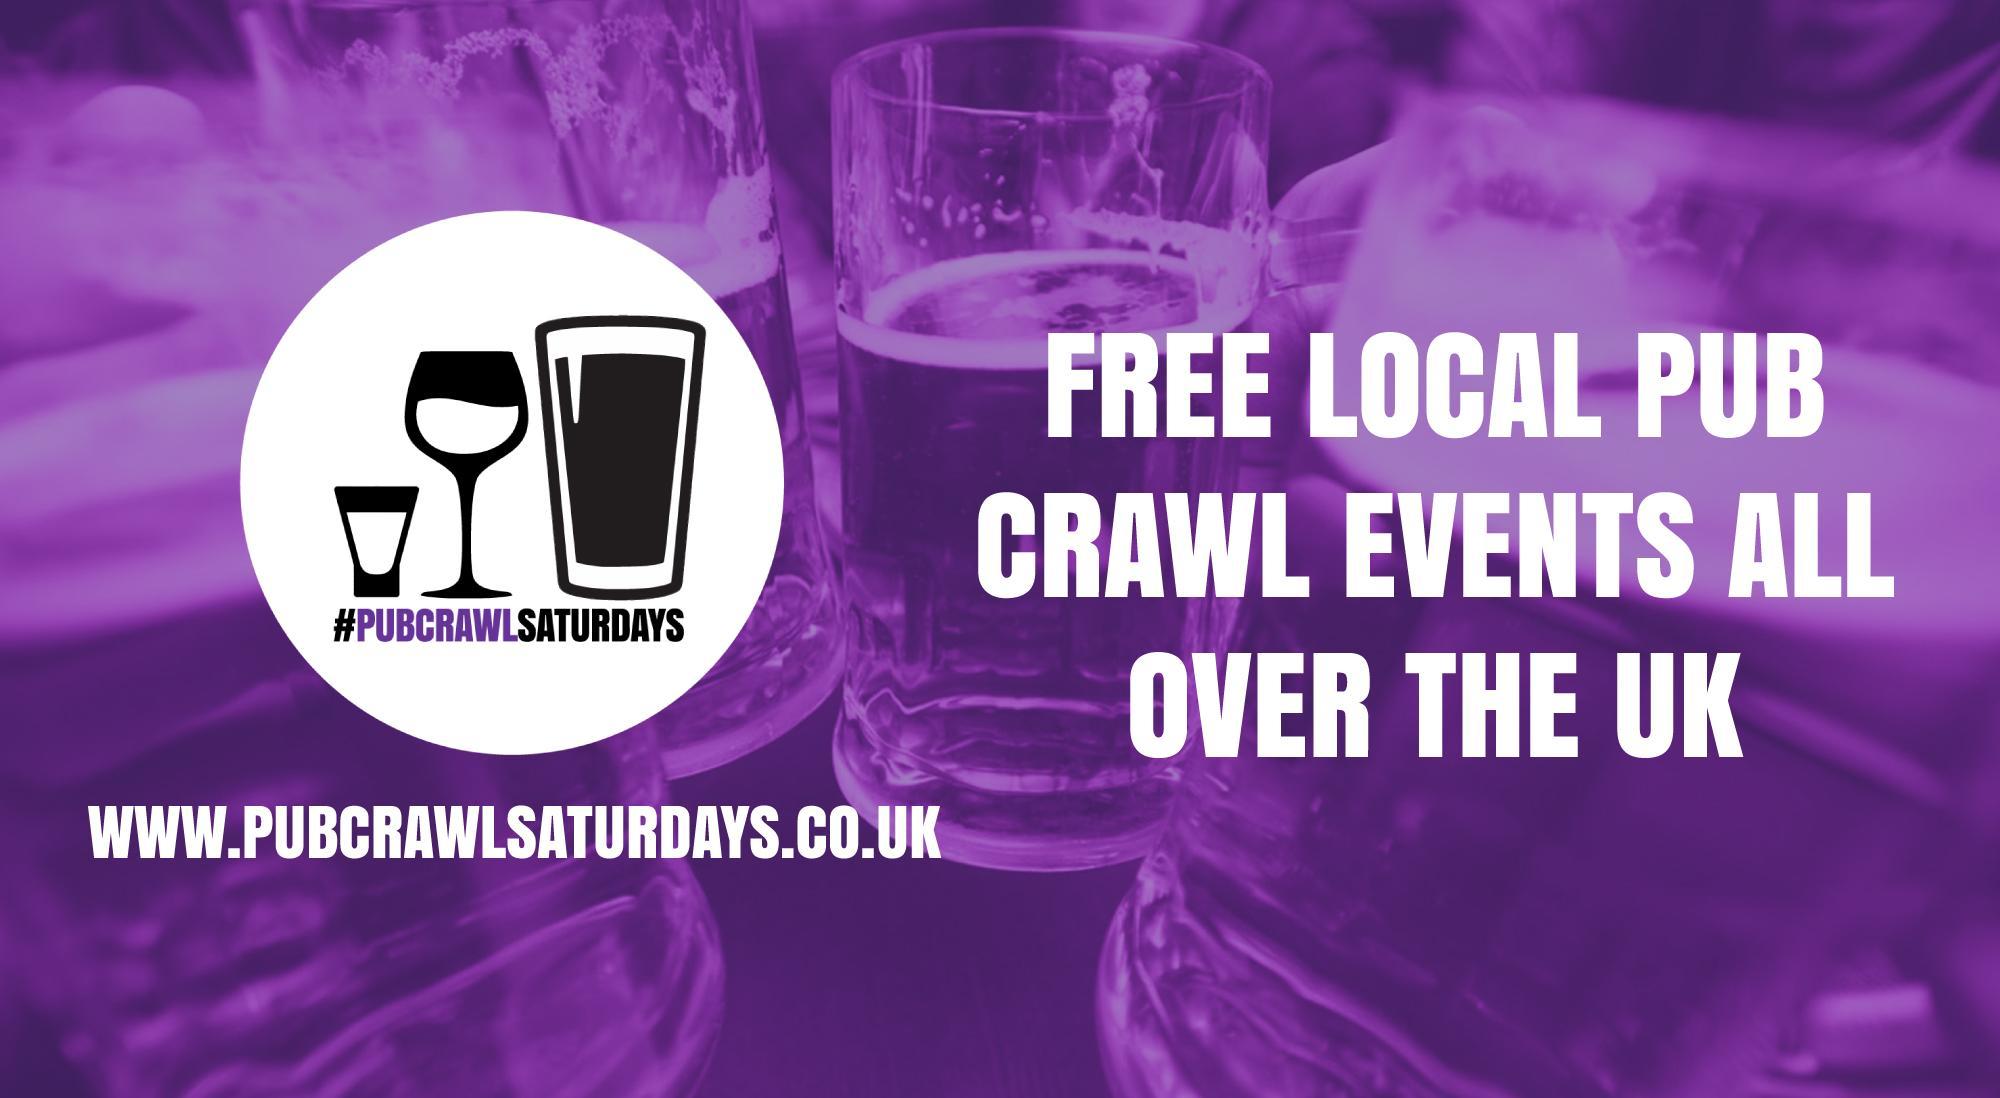 PUB CRAWL SATURDAYS! Free weekly pub crawl event in Stratford